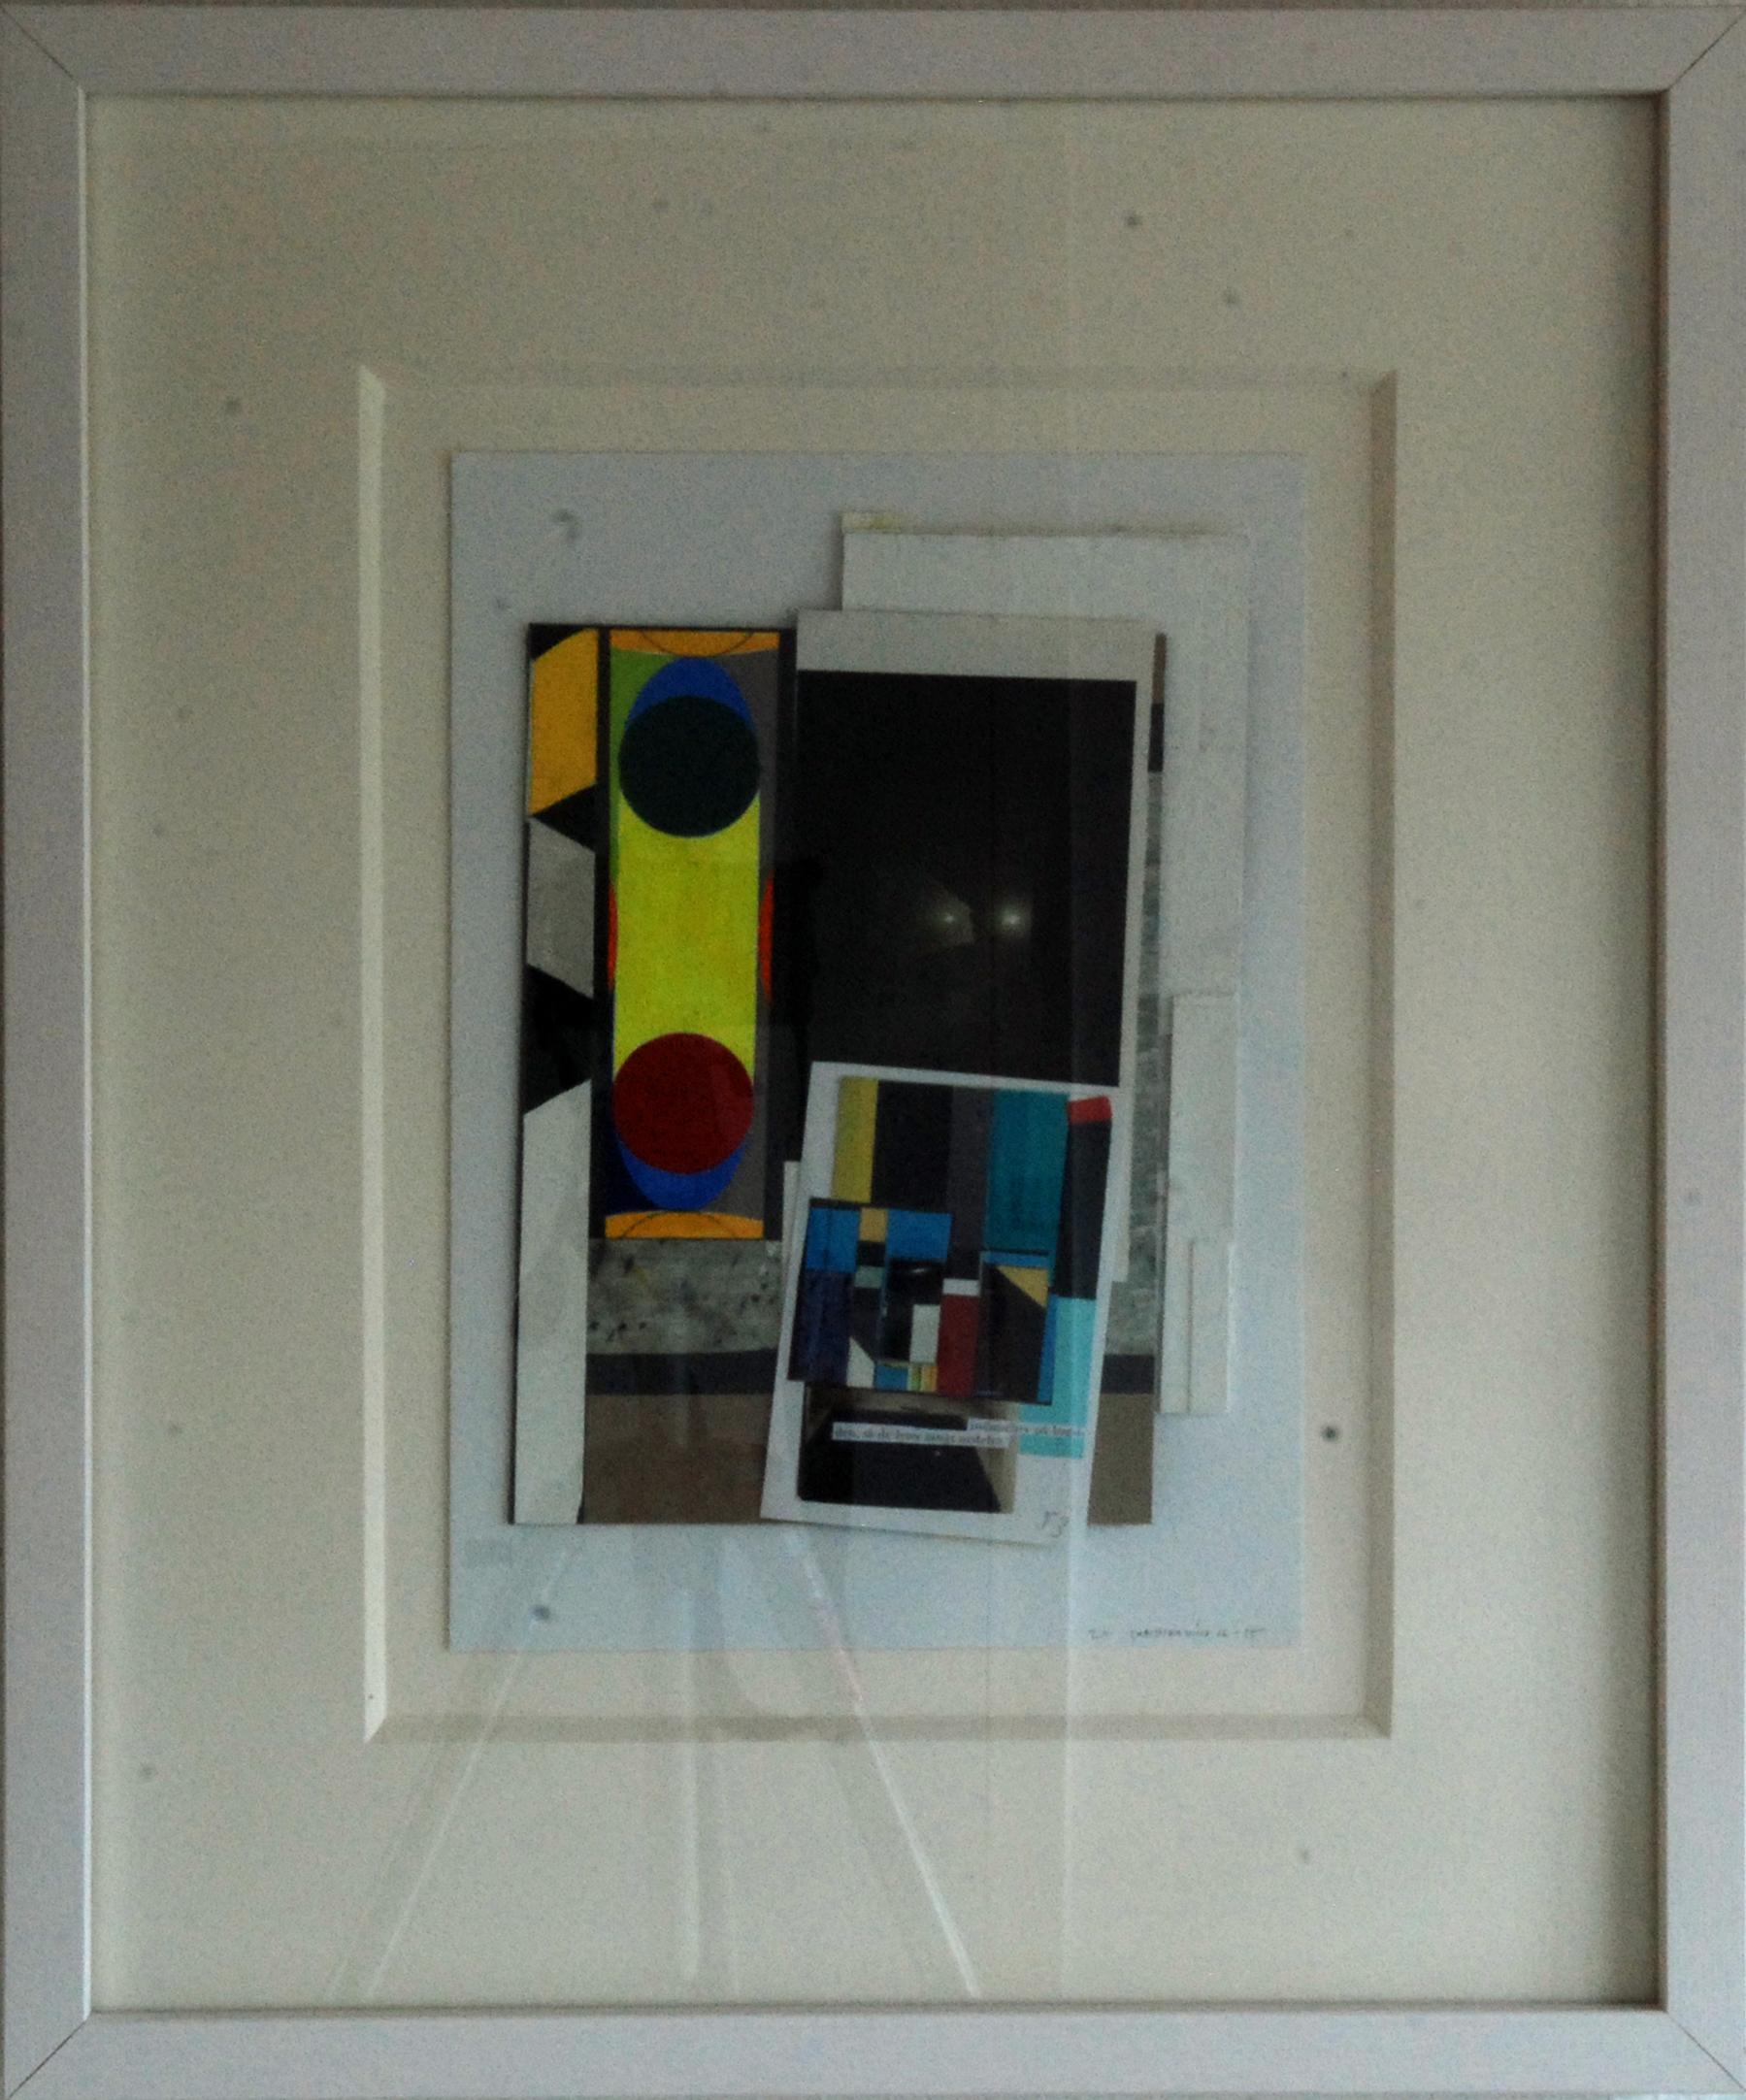 964 Christian Vind, collage